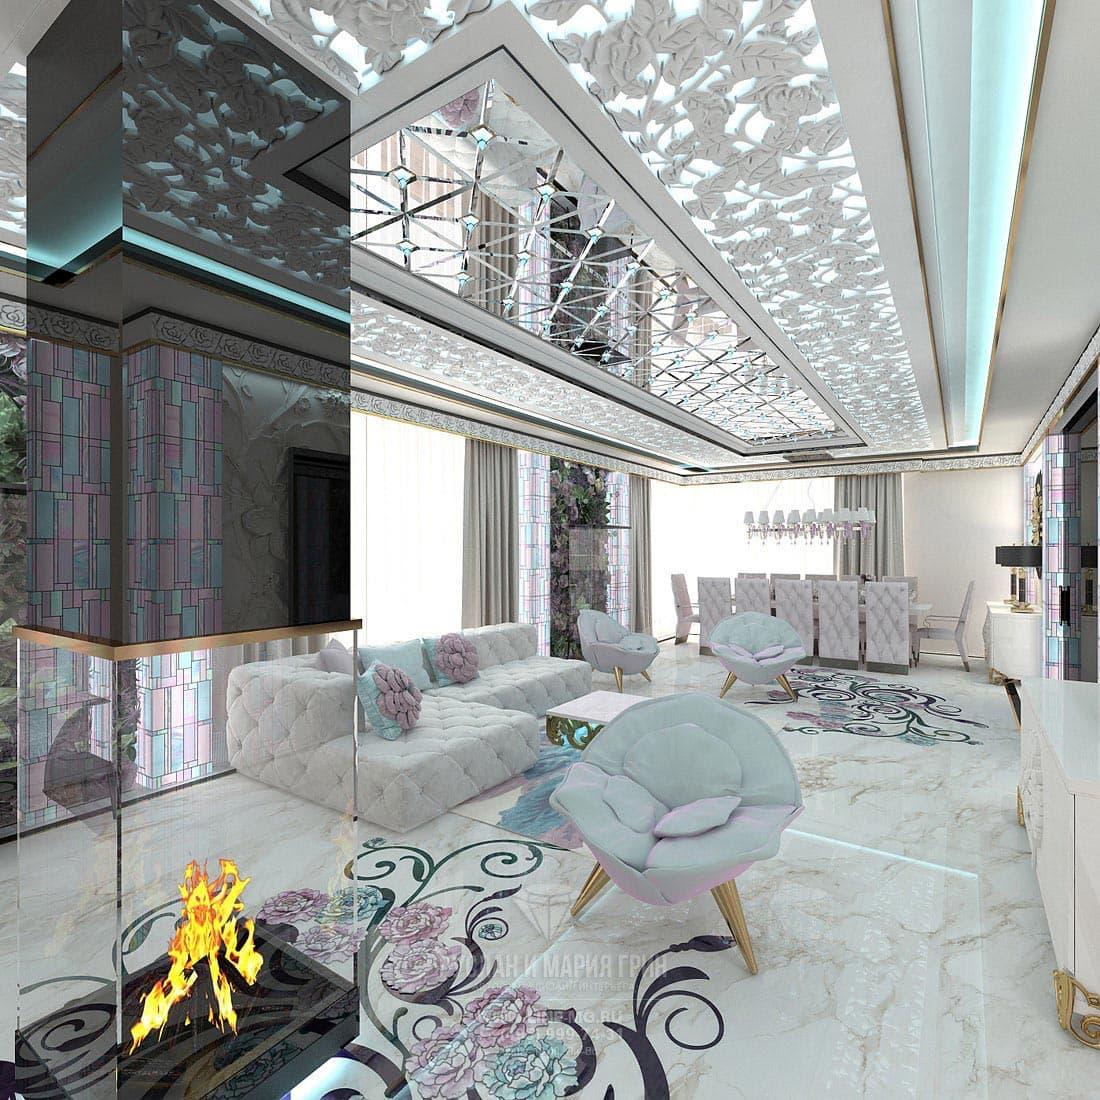 Дизайн сложных подвесных потолков из проекта дизайнеров Руслана и Марии Грин